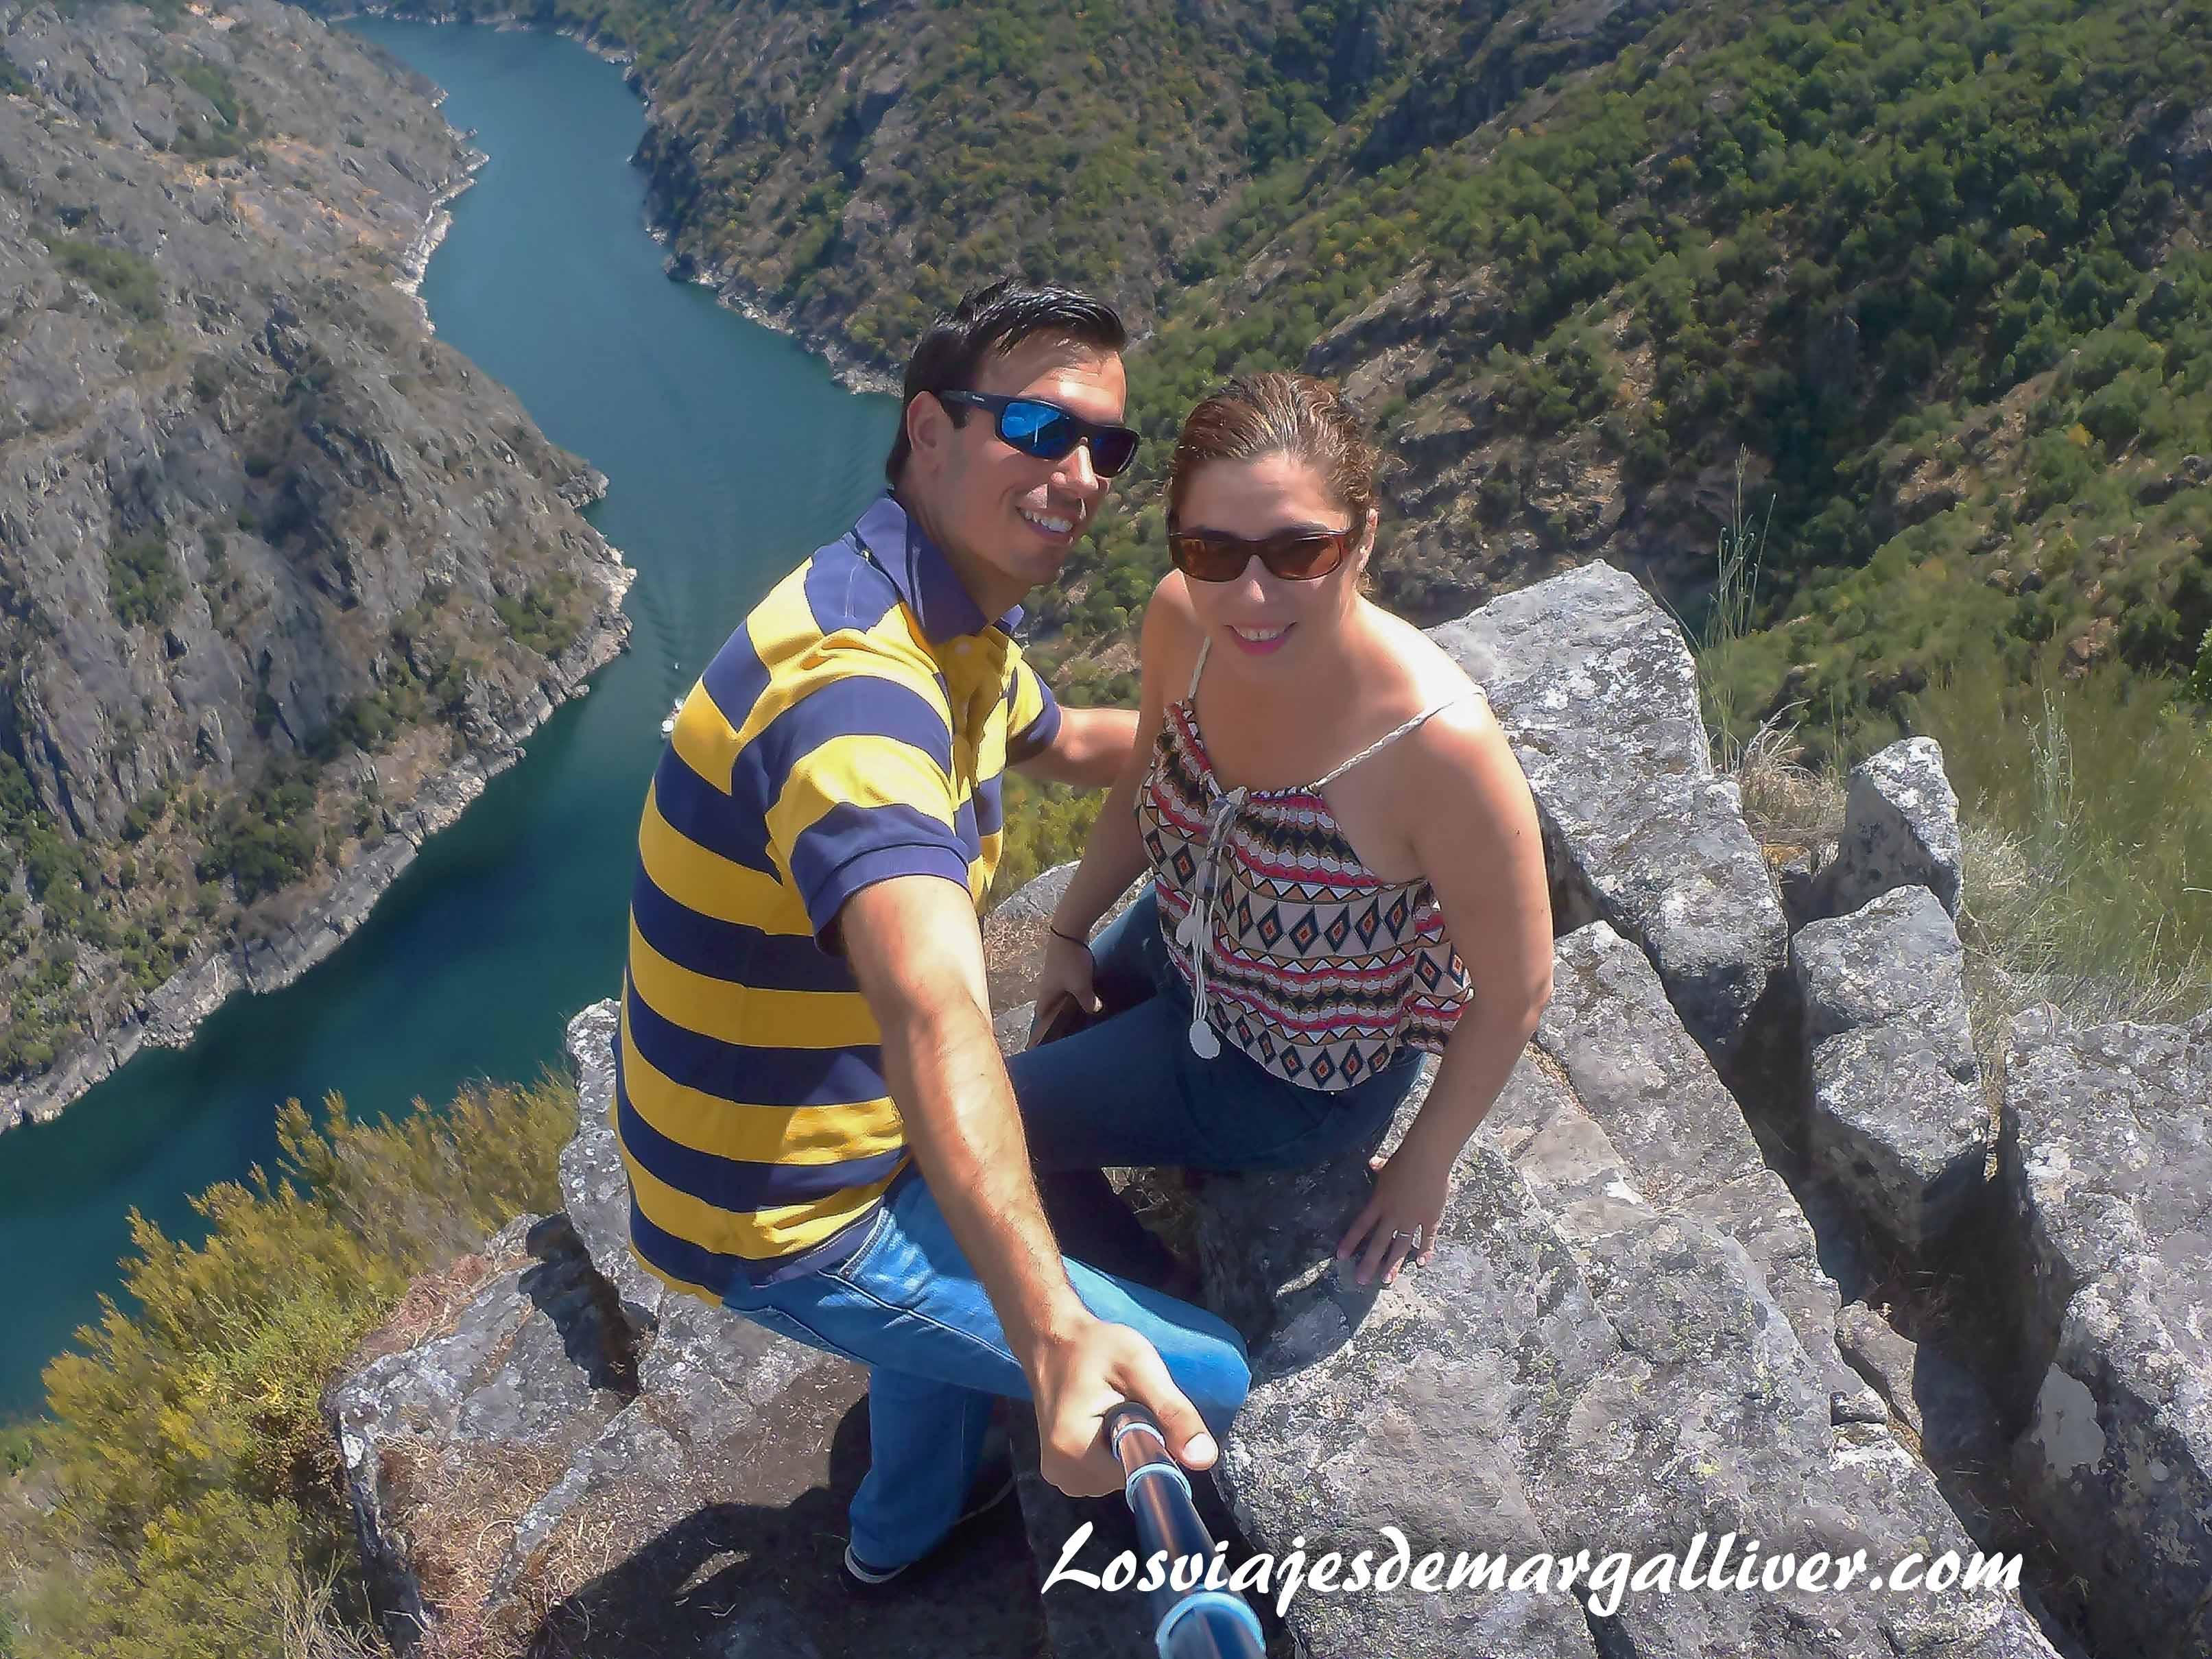 Mirador de Vilouxe a los cañones del rio Sil en la Ribeira Sacra , resumen viajero 2017 - Los viajes de Margalliver